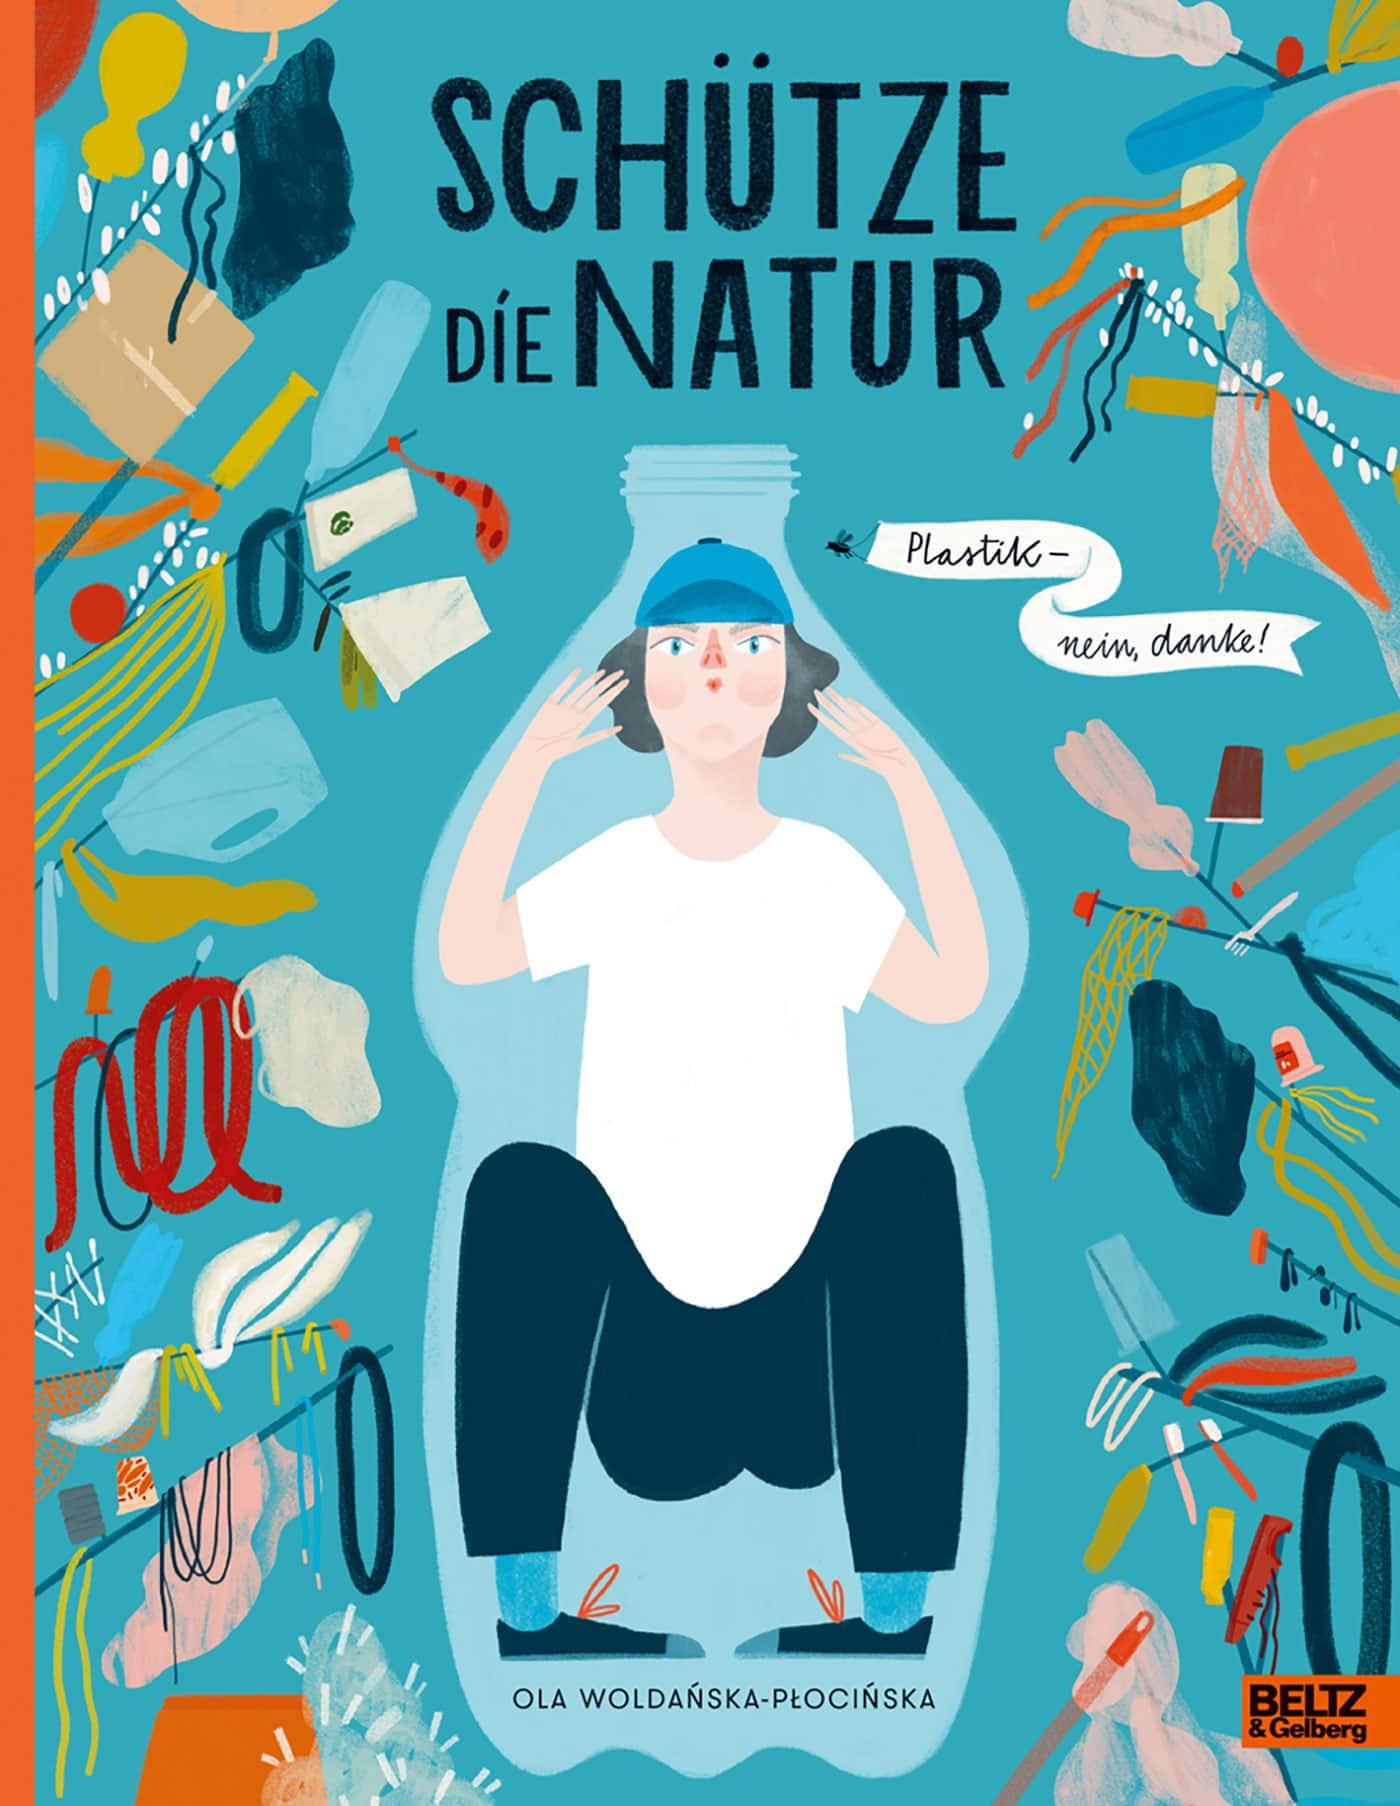 Natur- und Klimaschutz-Kindersachbuch-Tipps: Schütze die Natur // HIMBEER